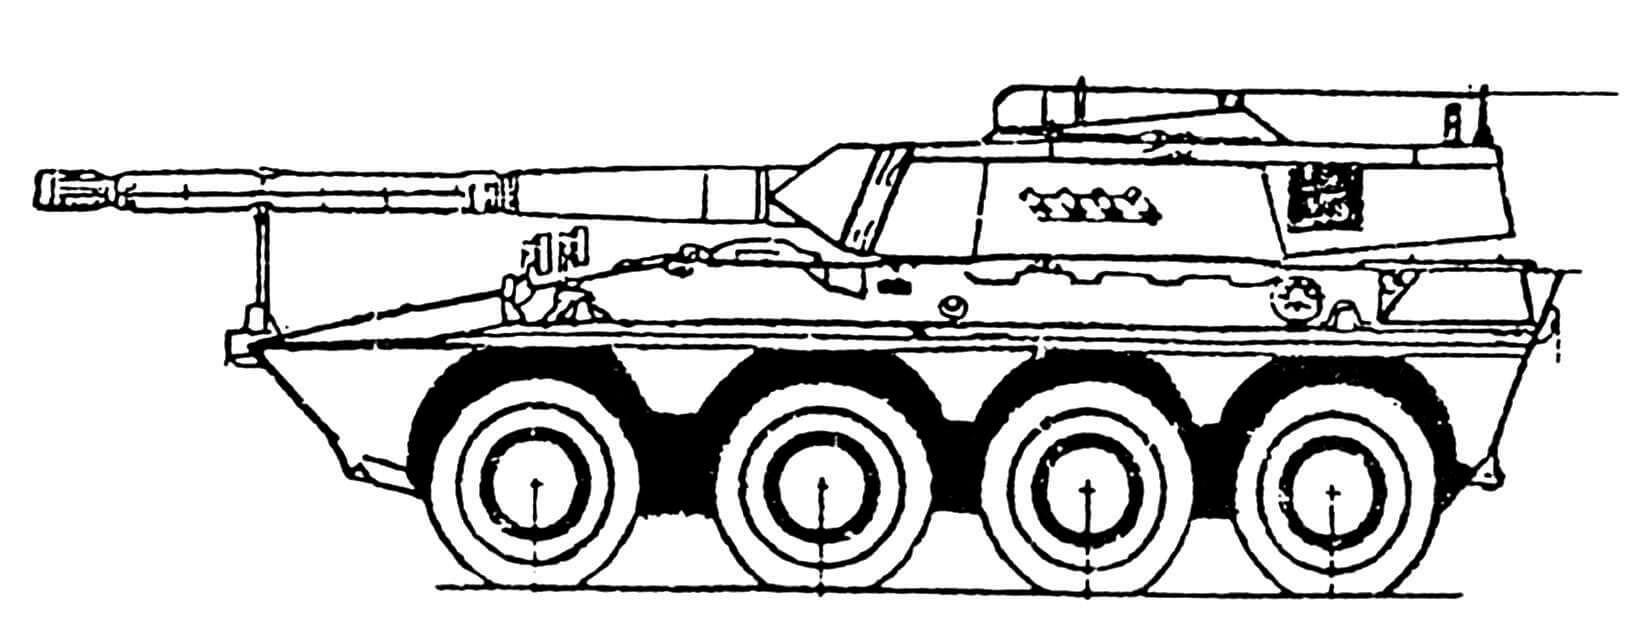 ИТ 6638 GB-1 «Центауро» со 105-мм пушкой «ОТО Мелара»